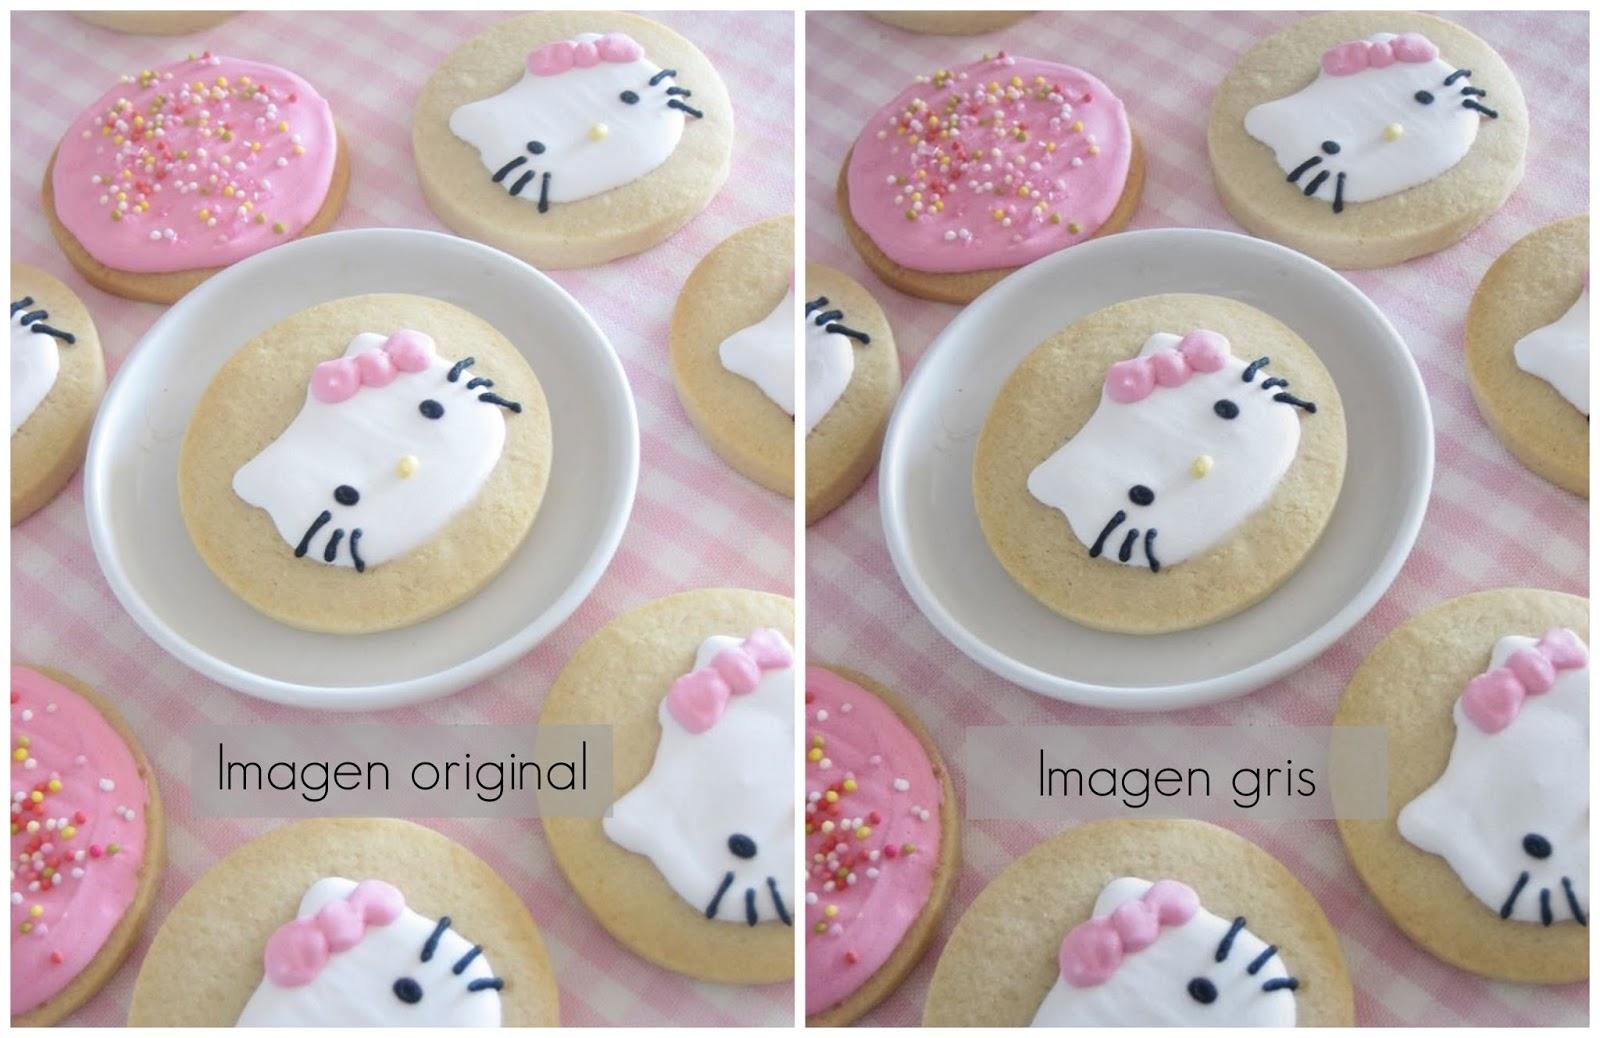 Imagen original e Imagen gris